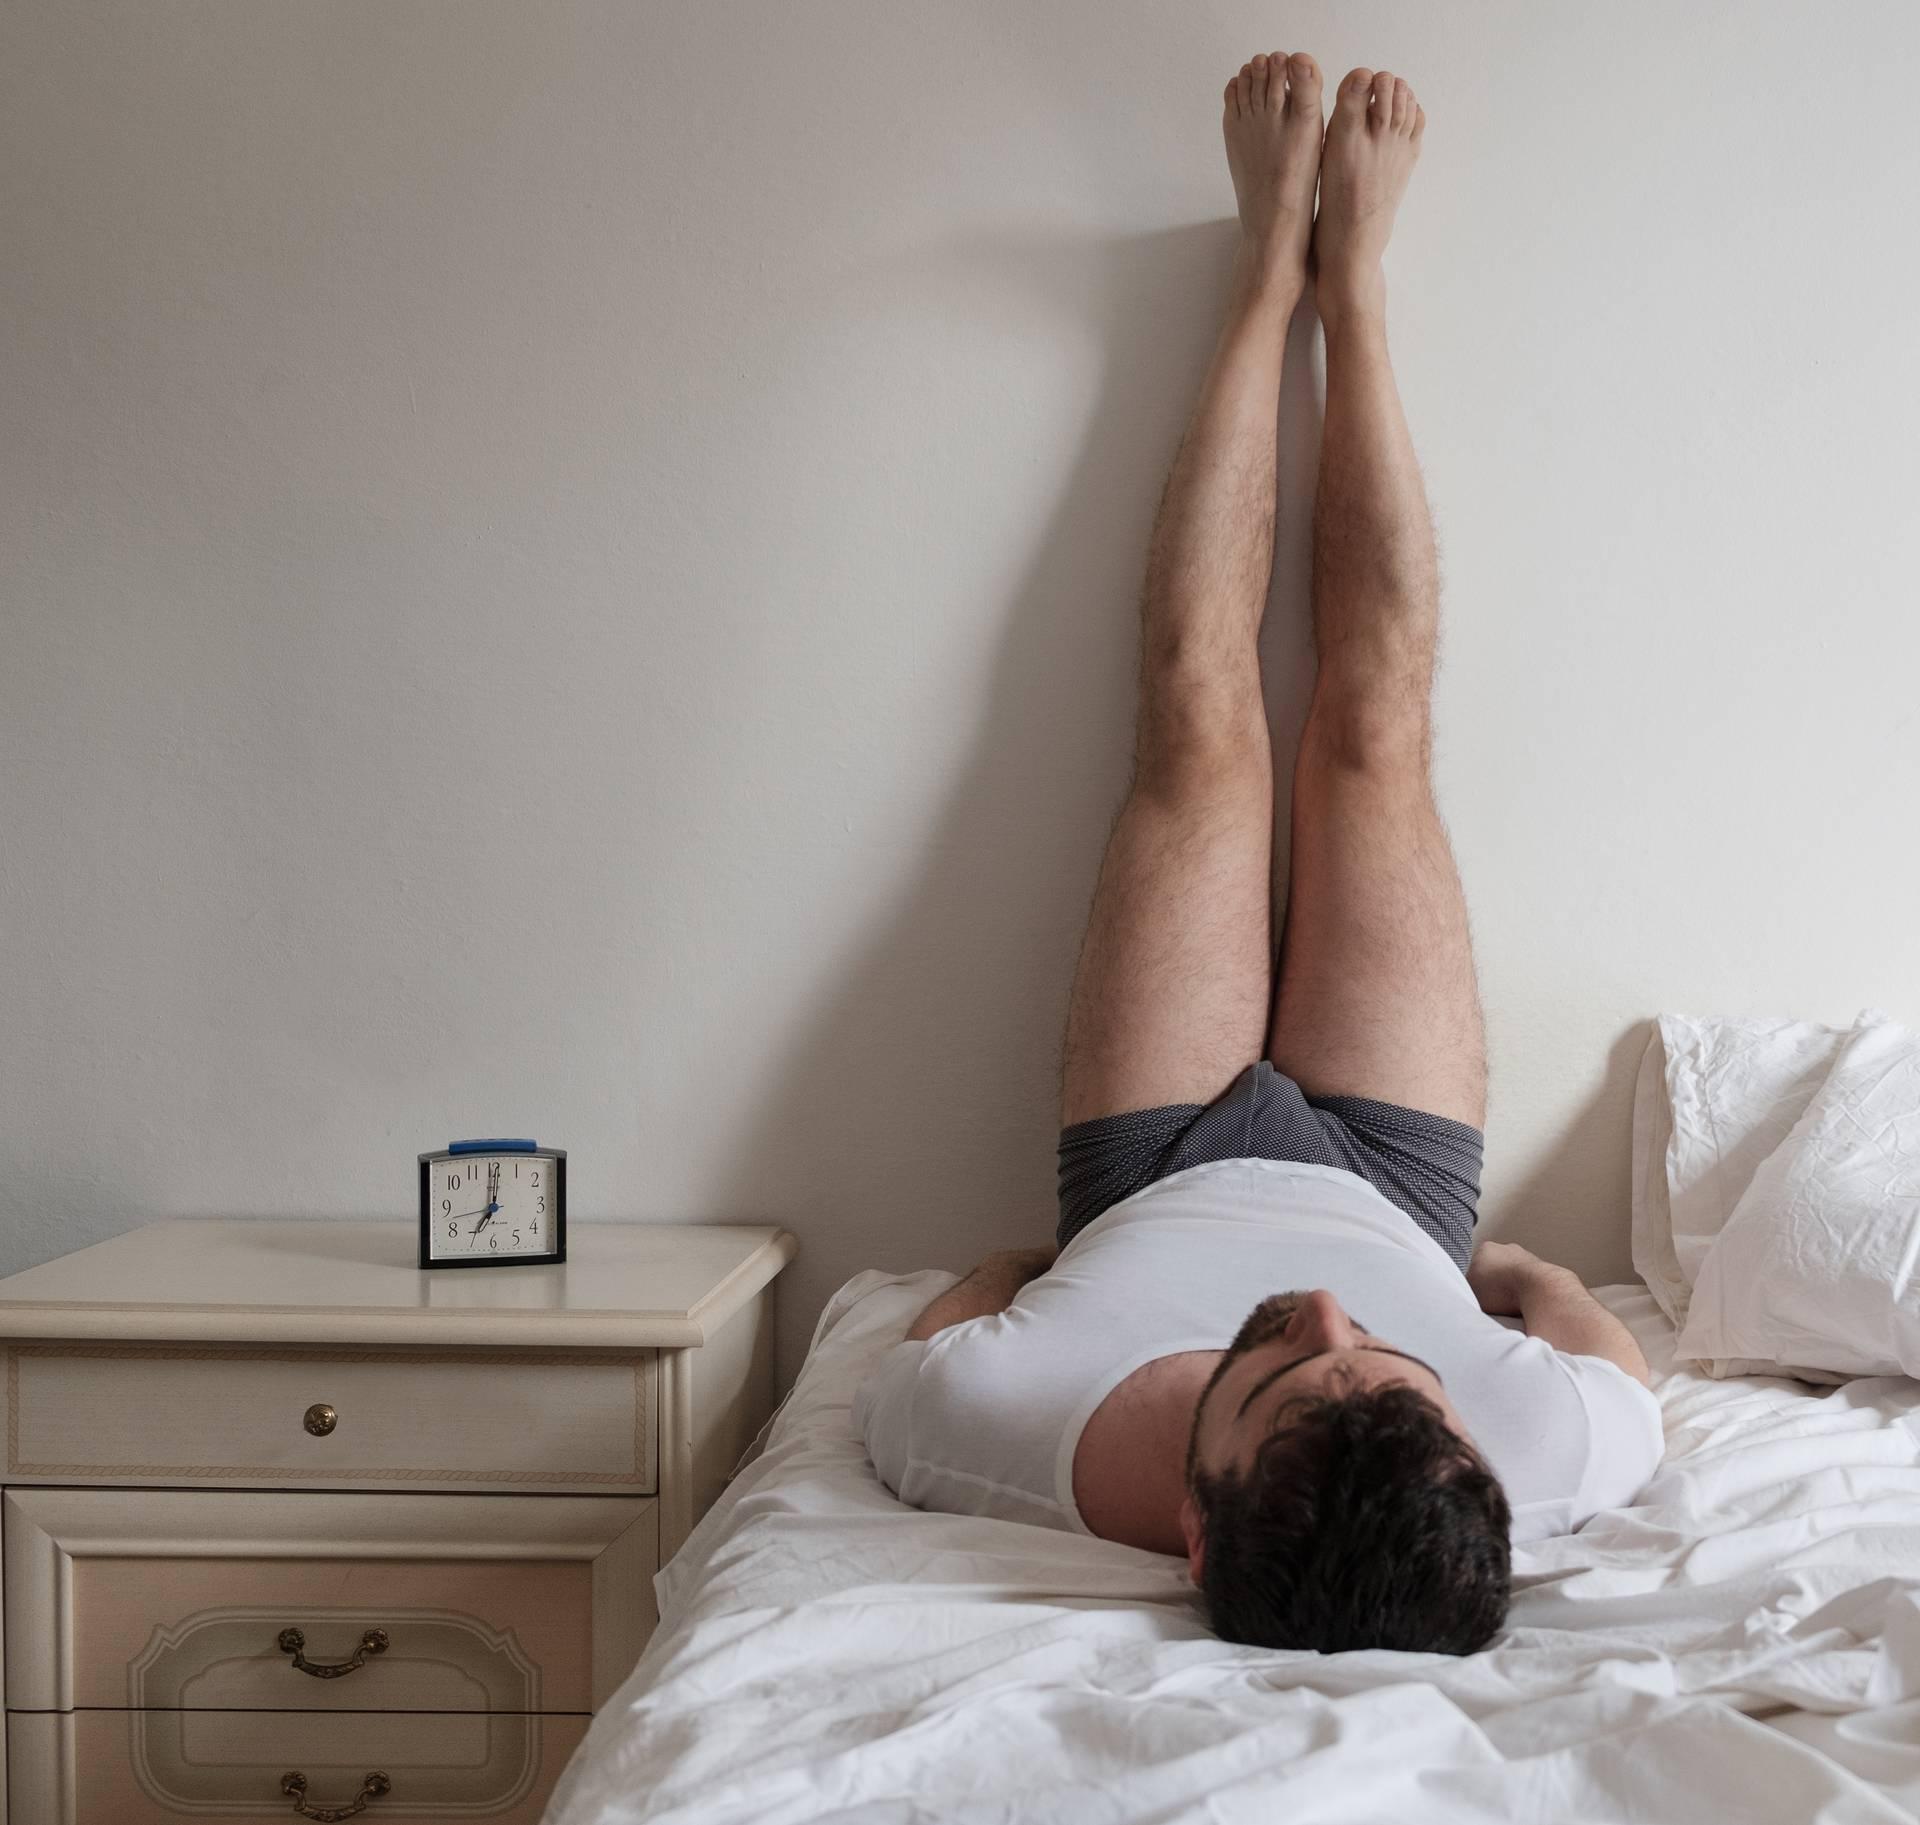 Super trik kako utonuti u san brzo i spavati do jutra kao beba